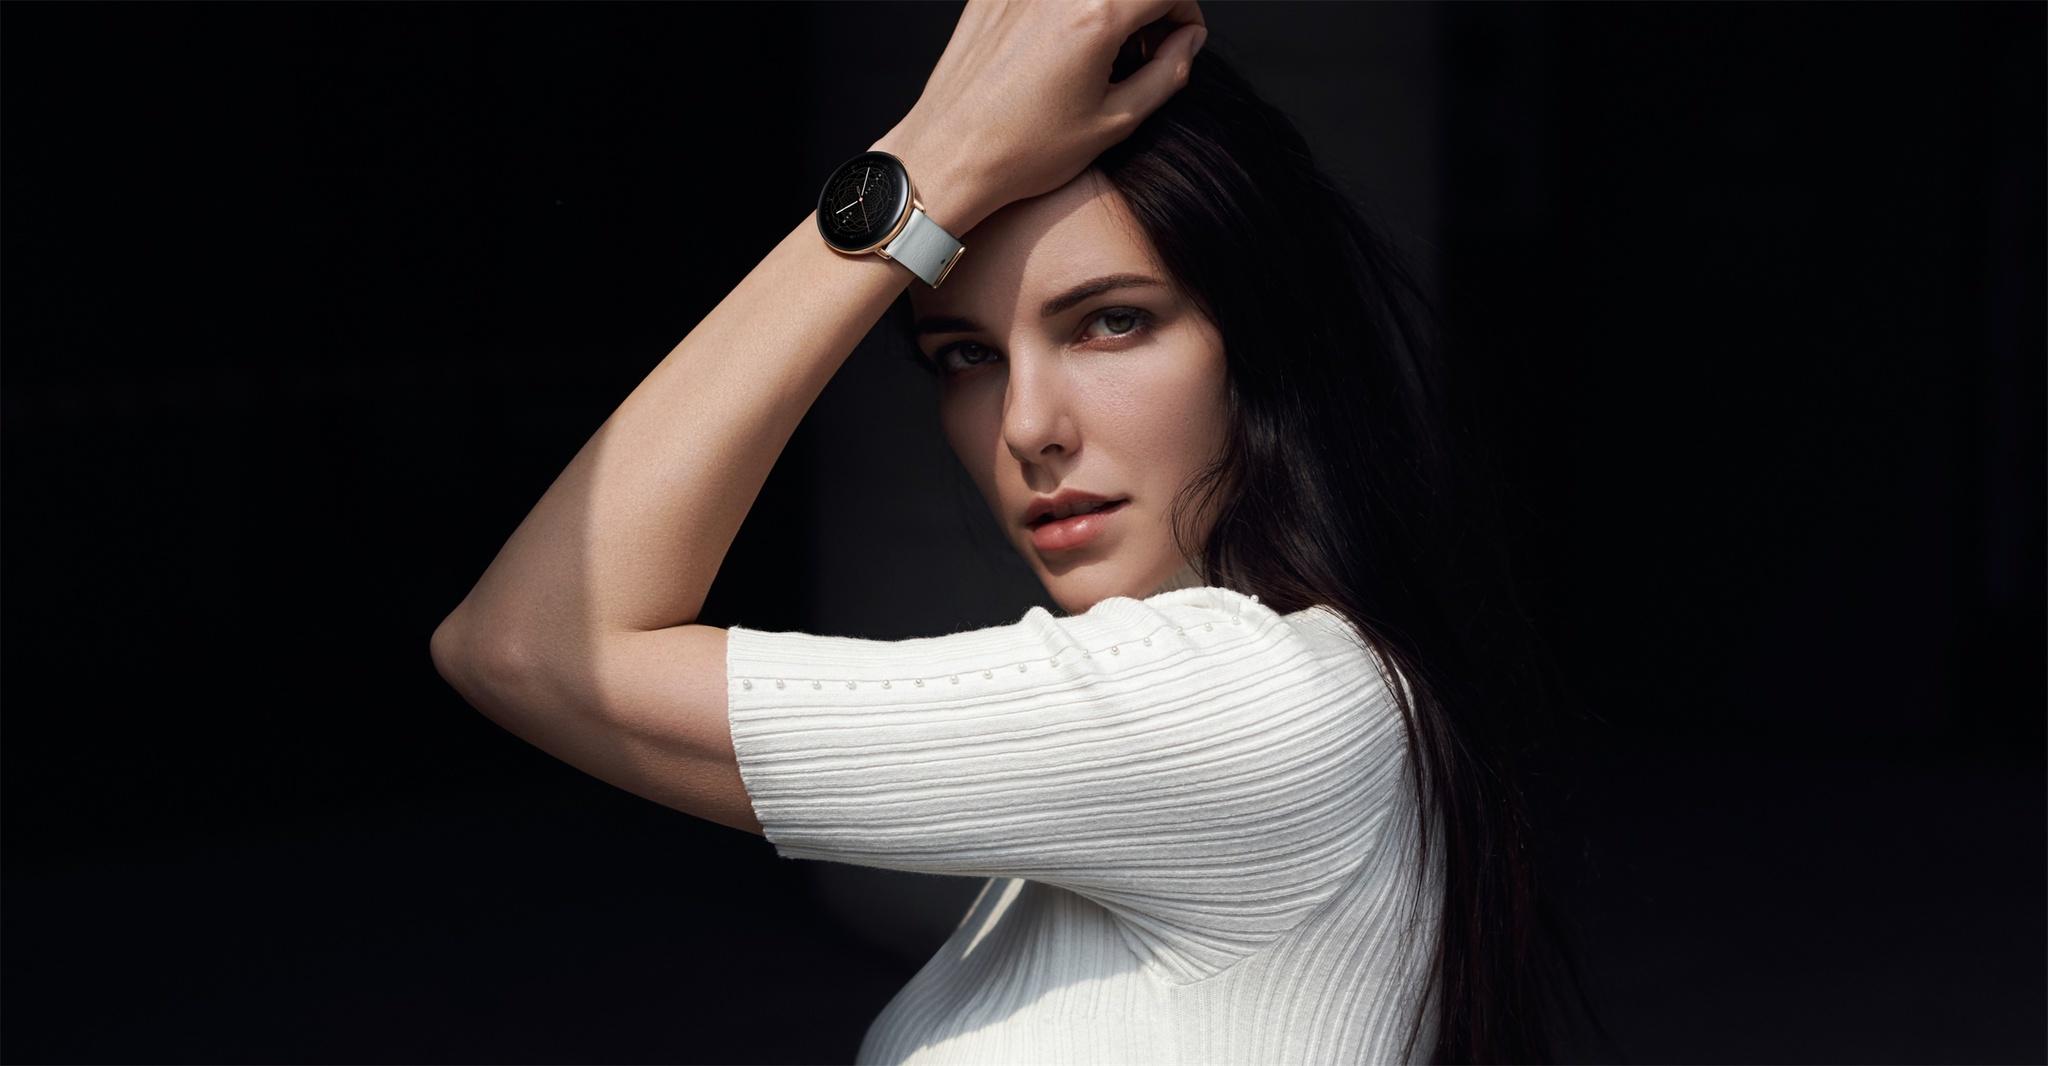 El nuevo reloj Zepp E combina diseño y practicidad con la última tecnología e inteligencia artificial.